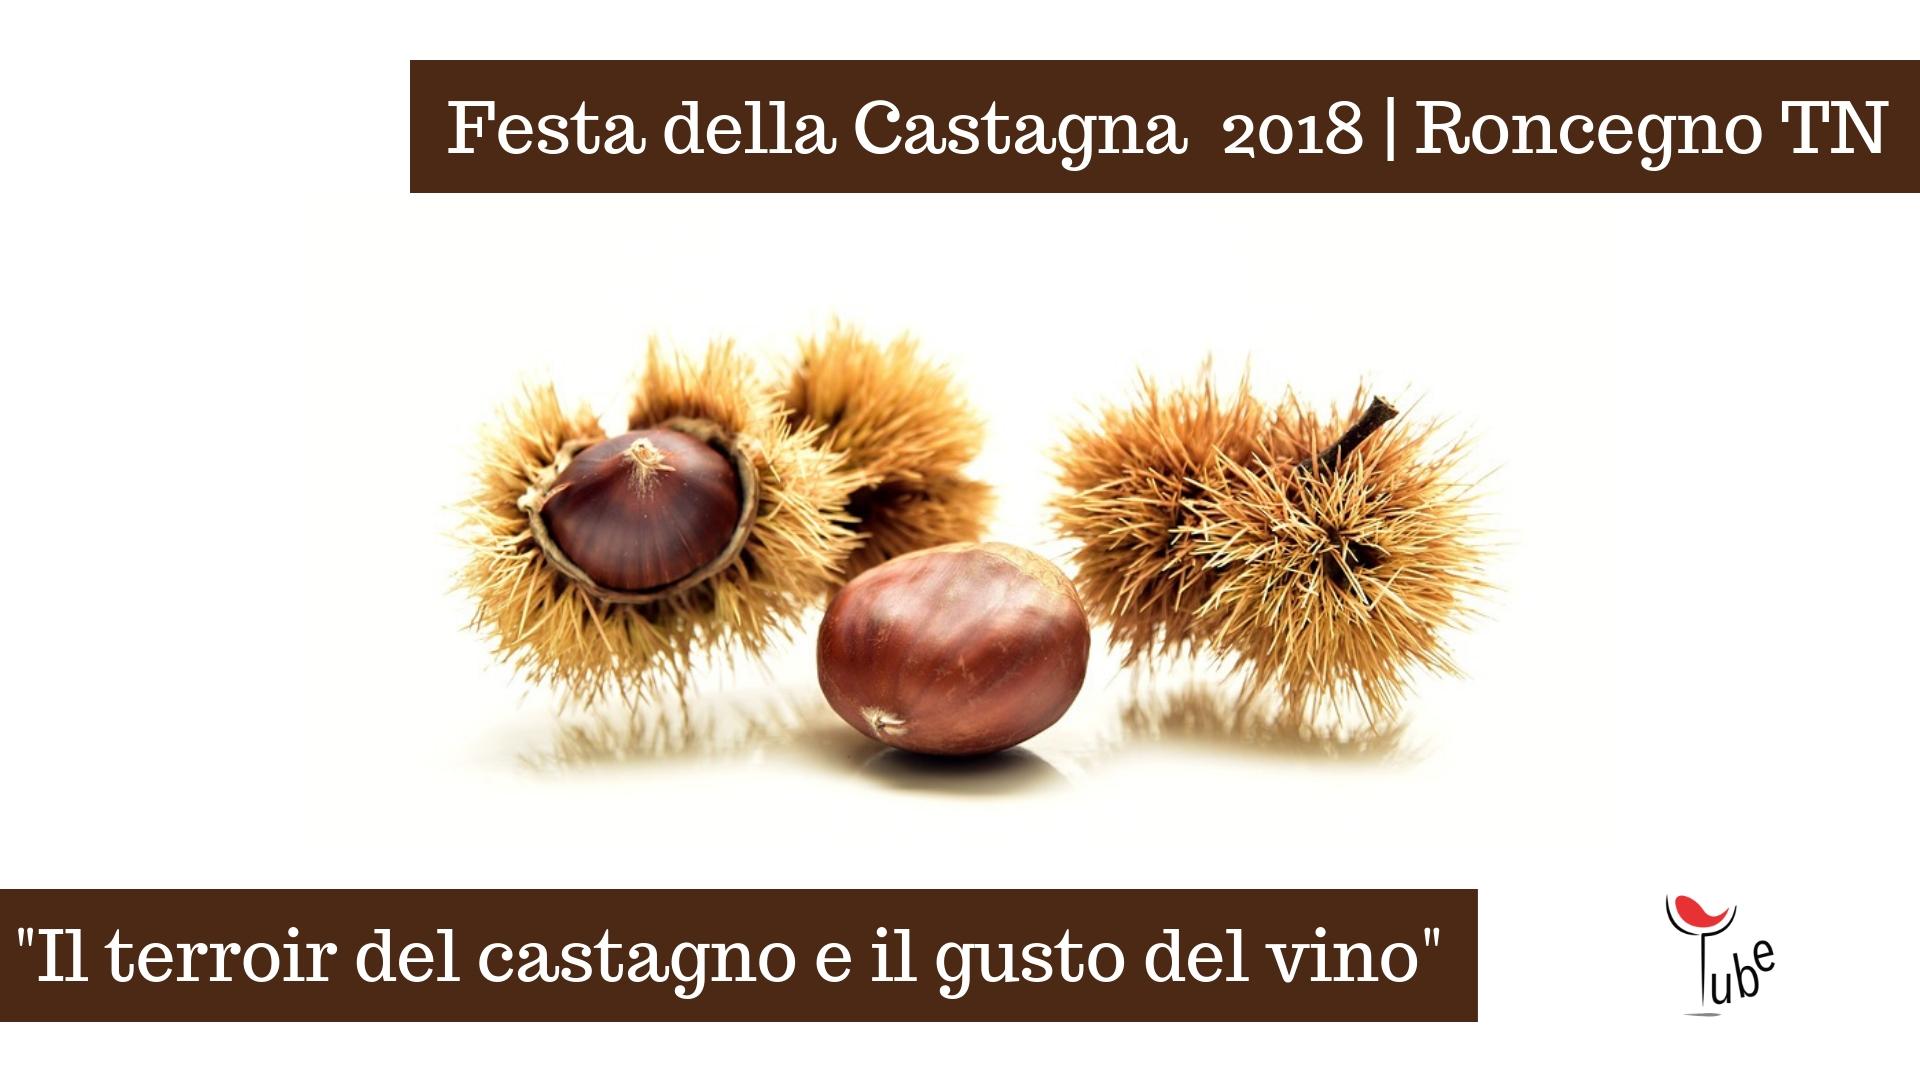 Abbinamento Cibo Vino alla Festa della Castagna | Eventi Vino Trentino